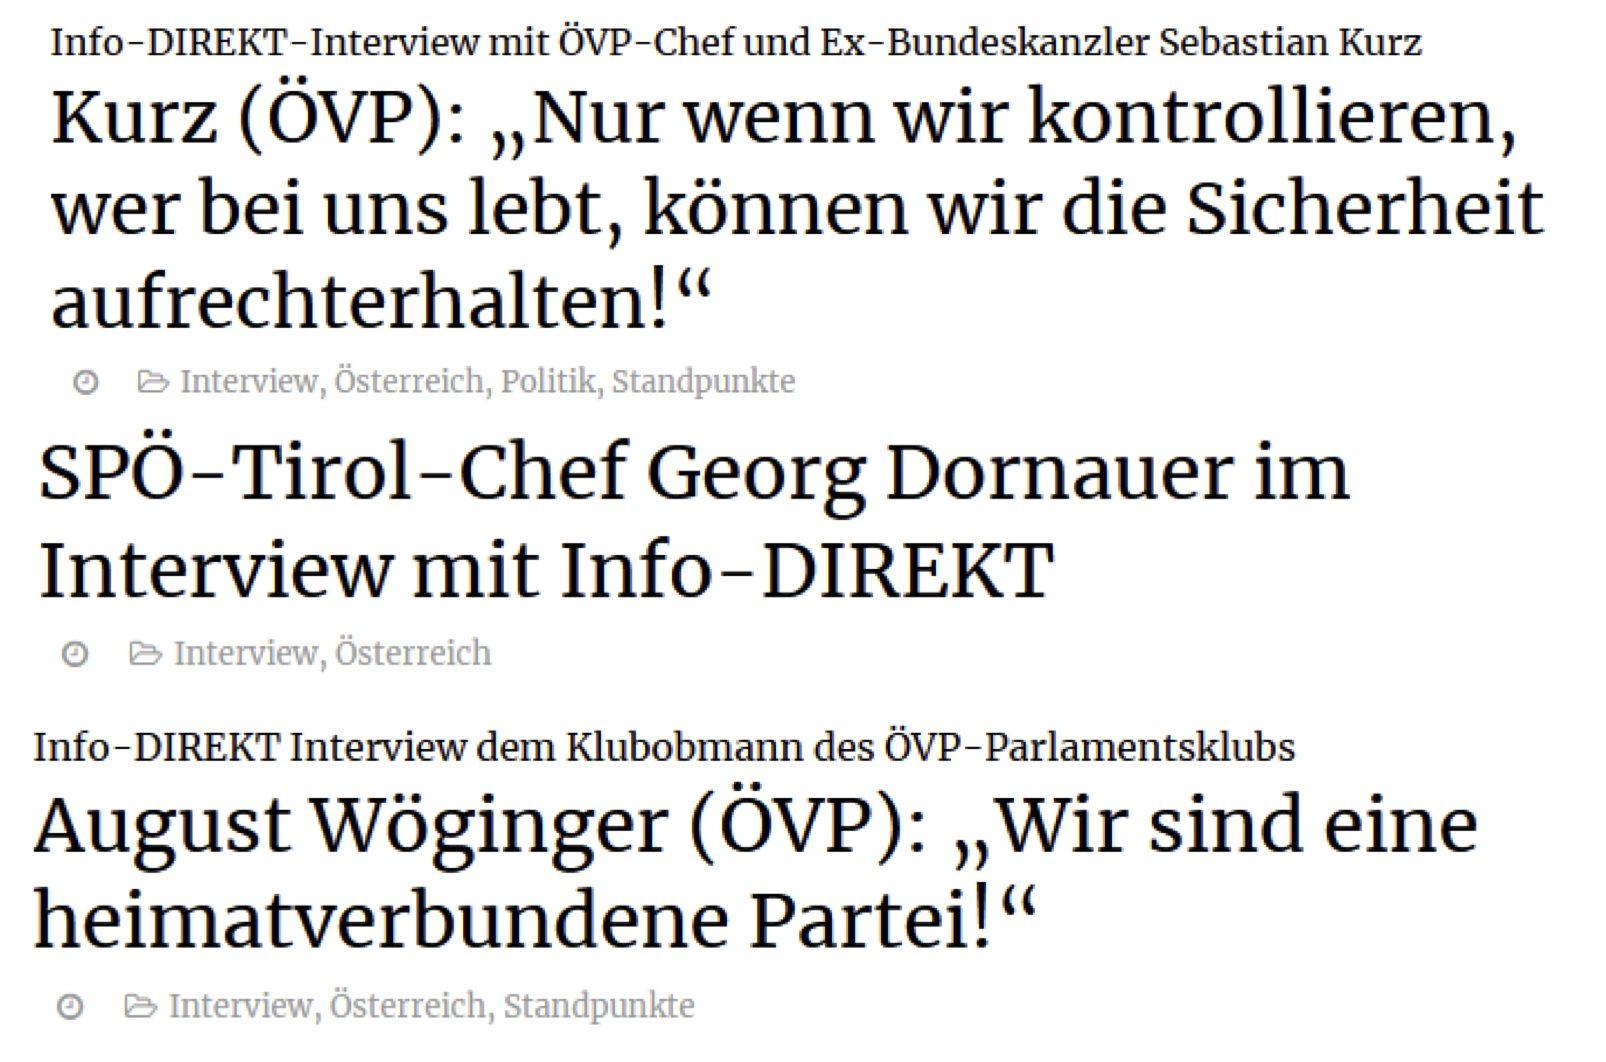 Interviews mit Info-Direkt: Kurz, Dornauer, Wöginger